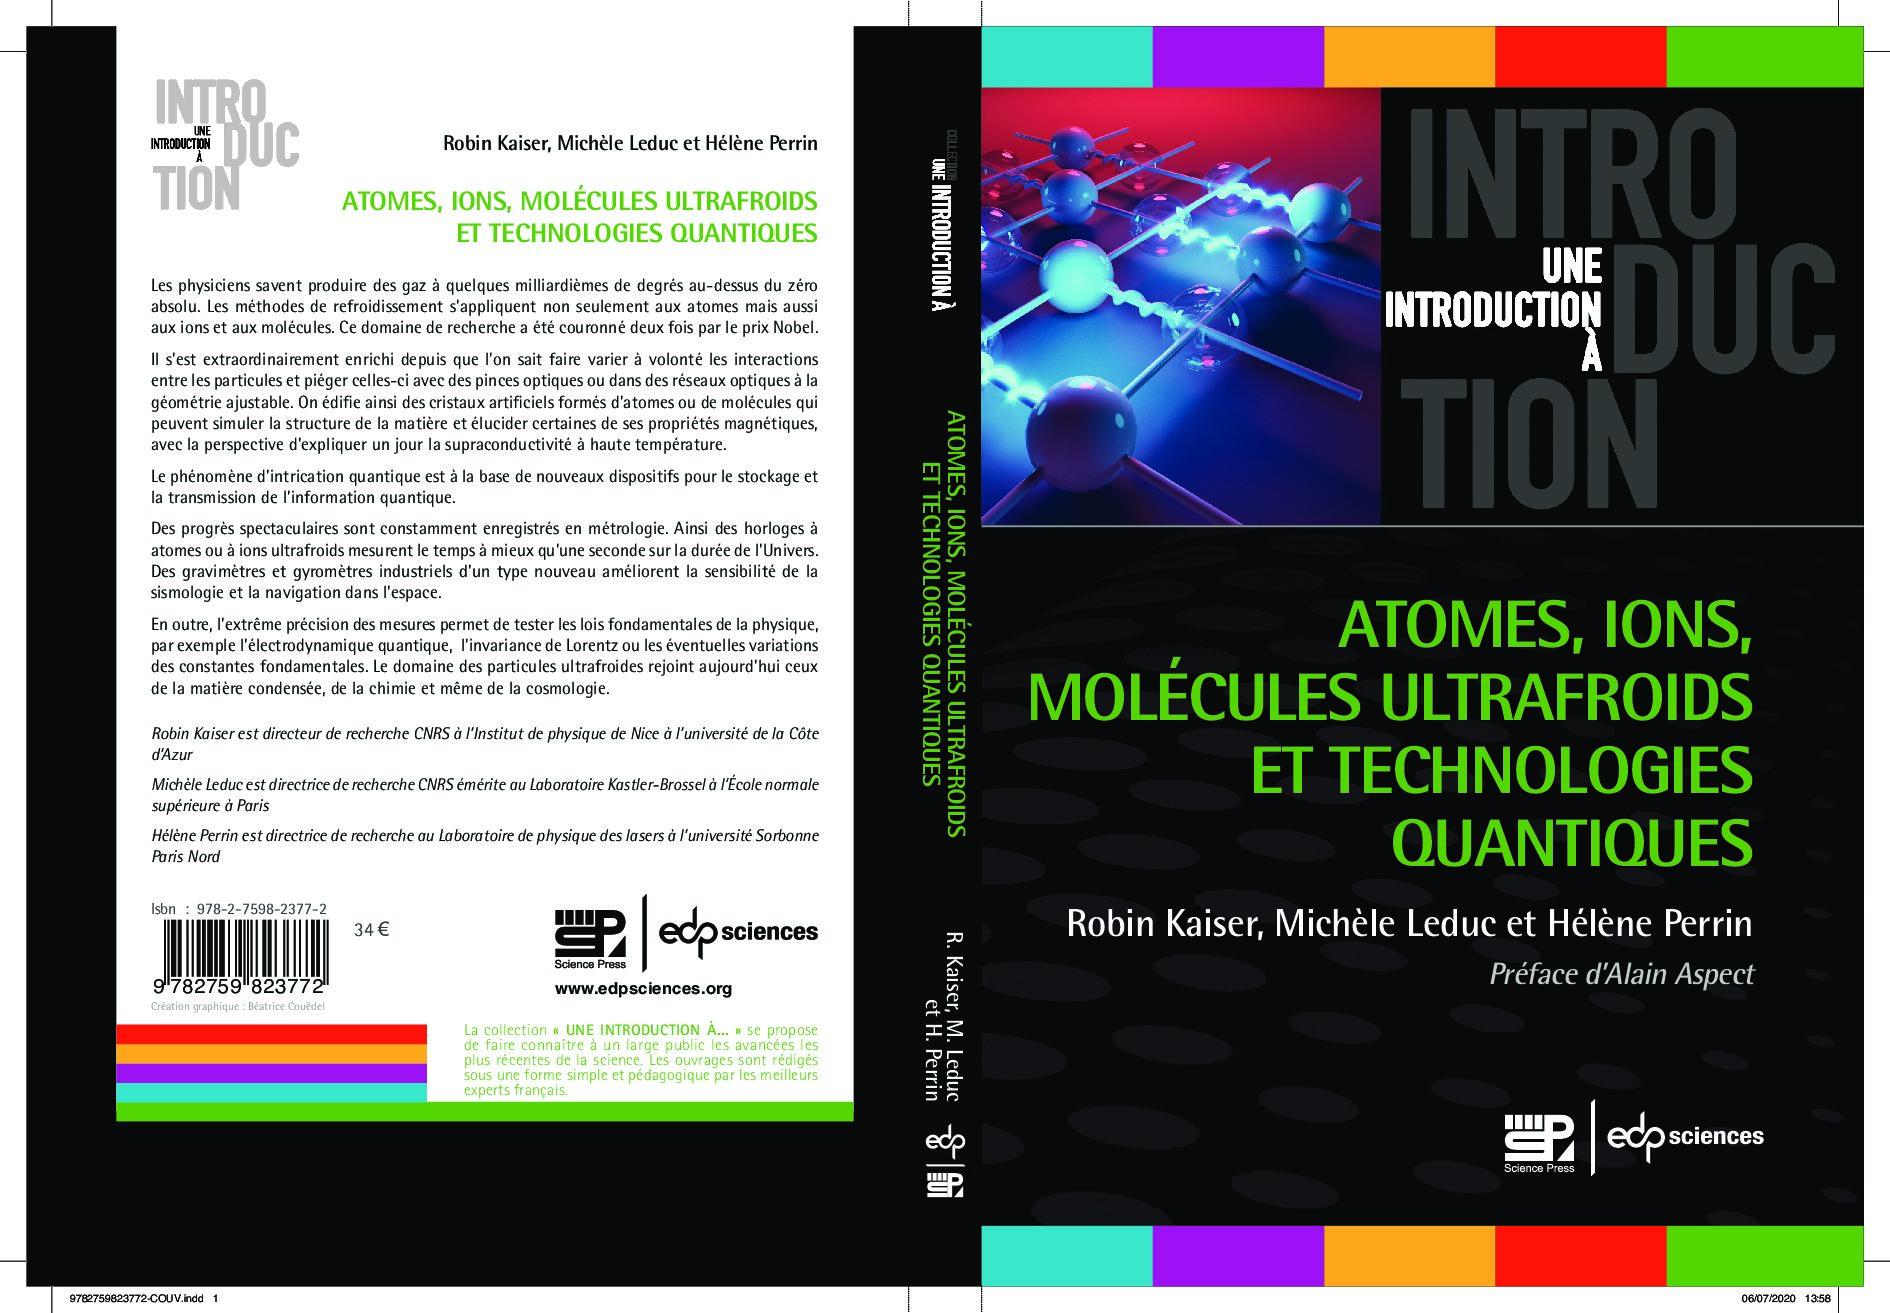 Atomes, ions, molécules ultrafroids et technologies quantiques